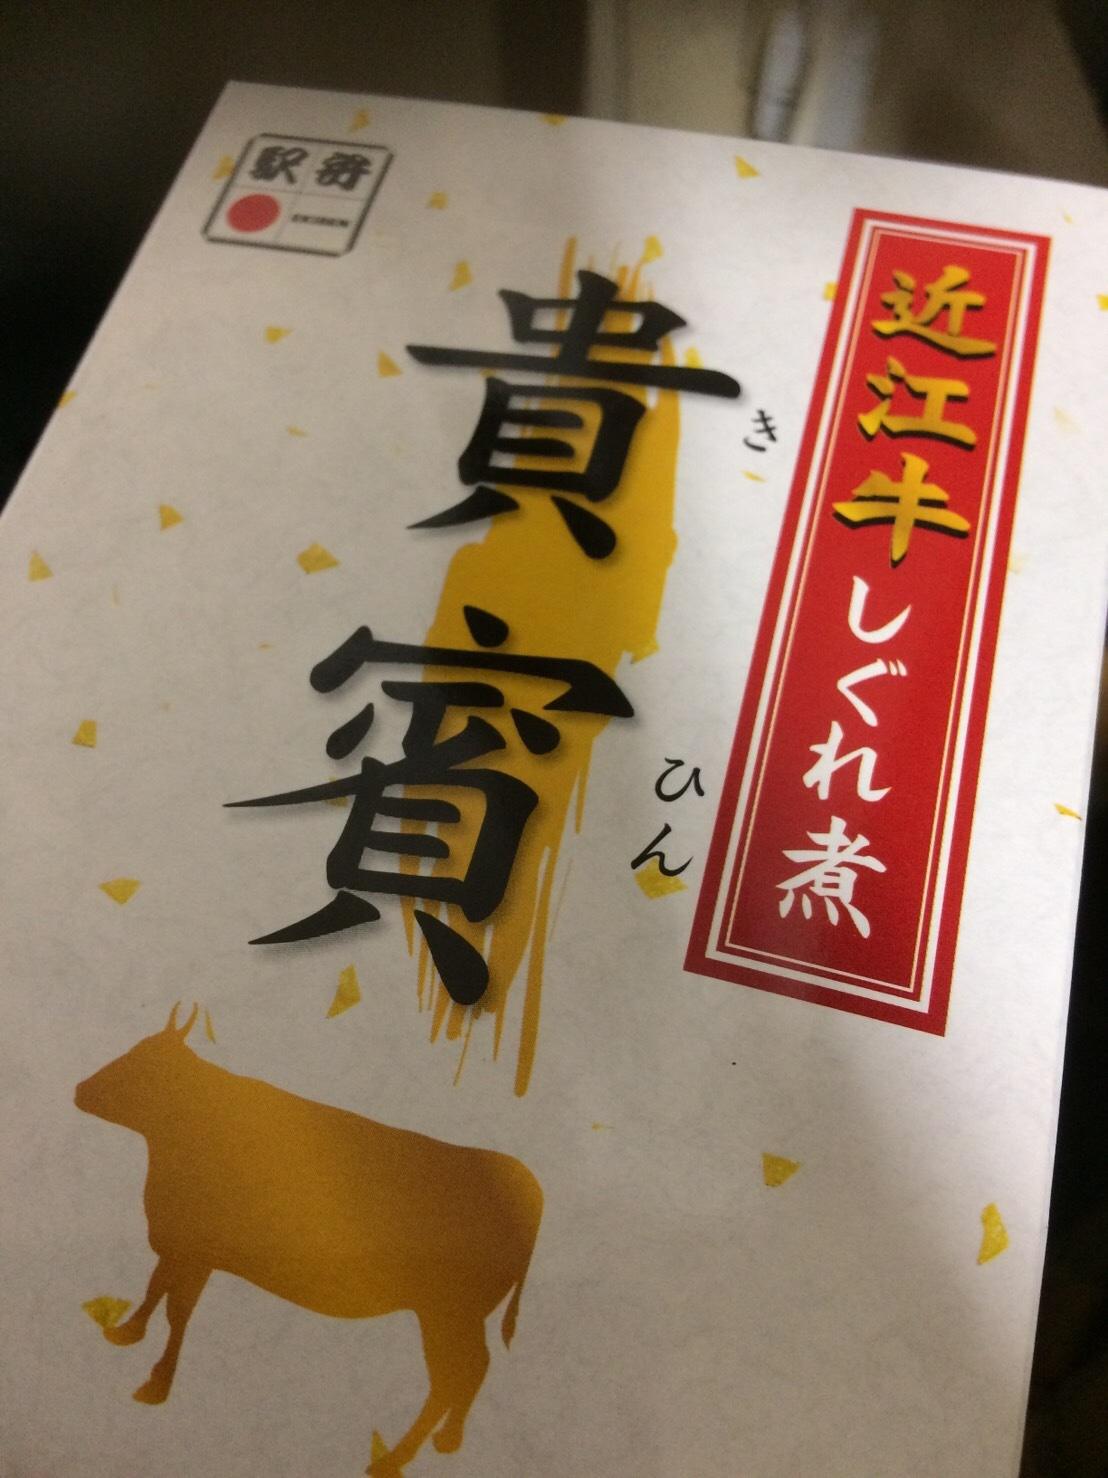 むすれぽ/滋賀(野崎弁当担当)